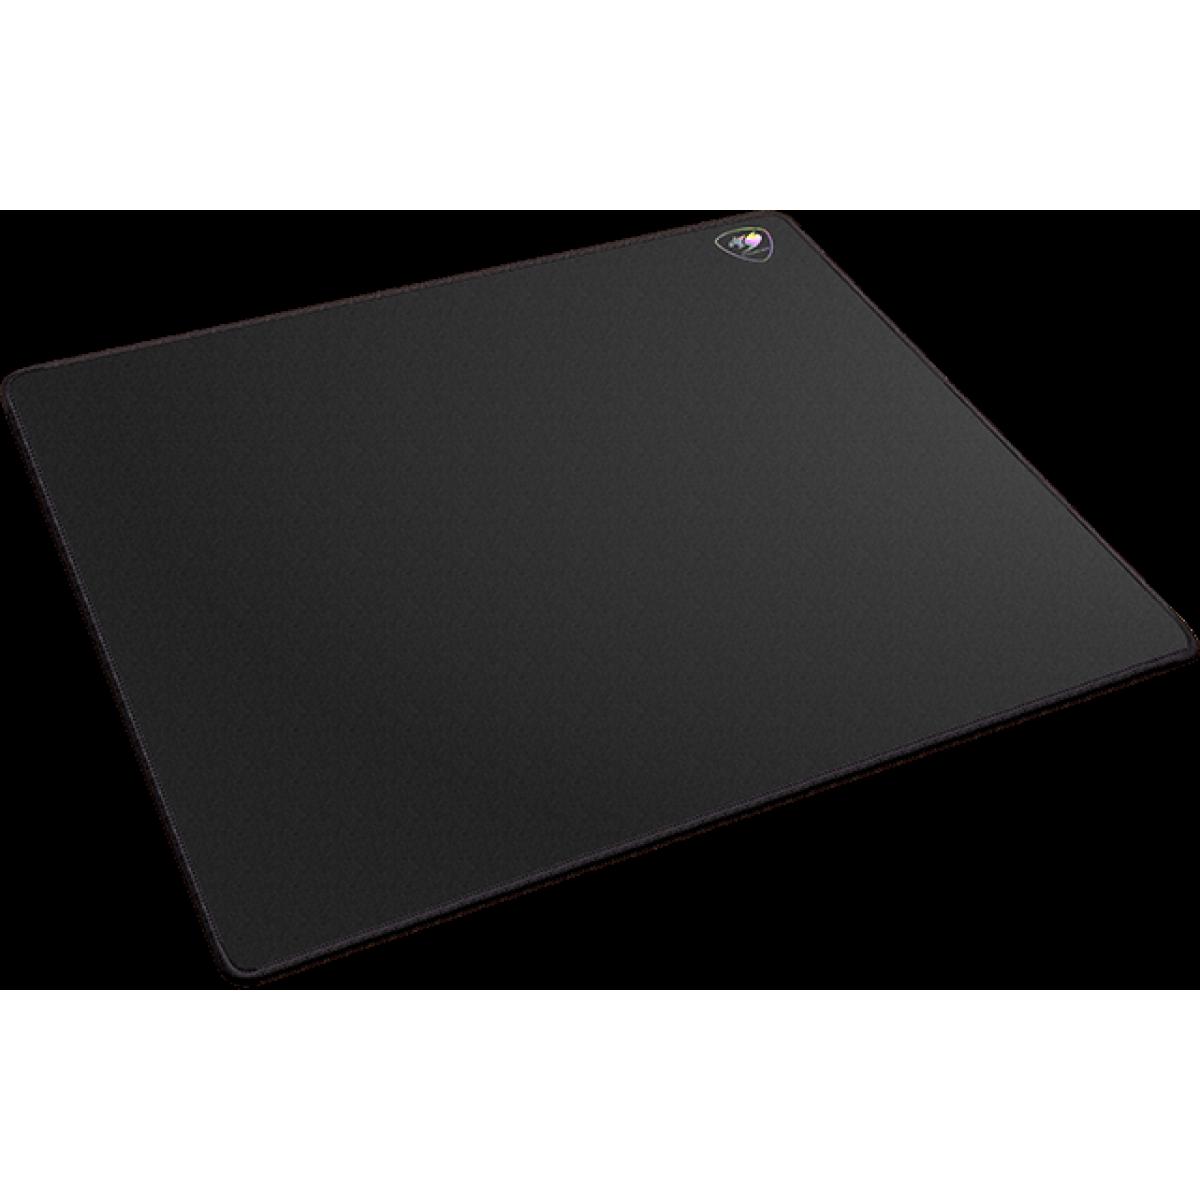 Mousepad Gamer Cougar Speed EX Large